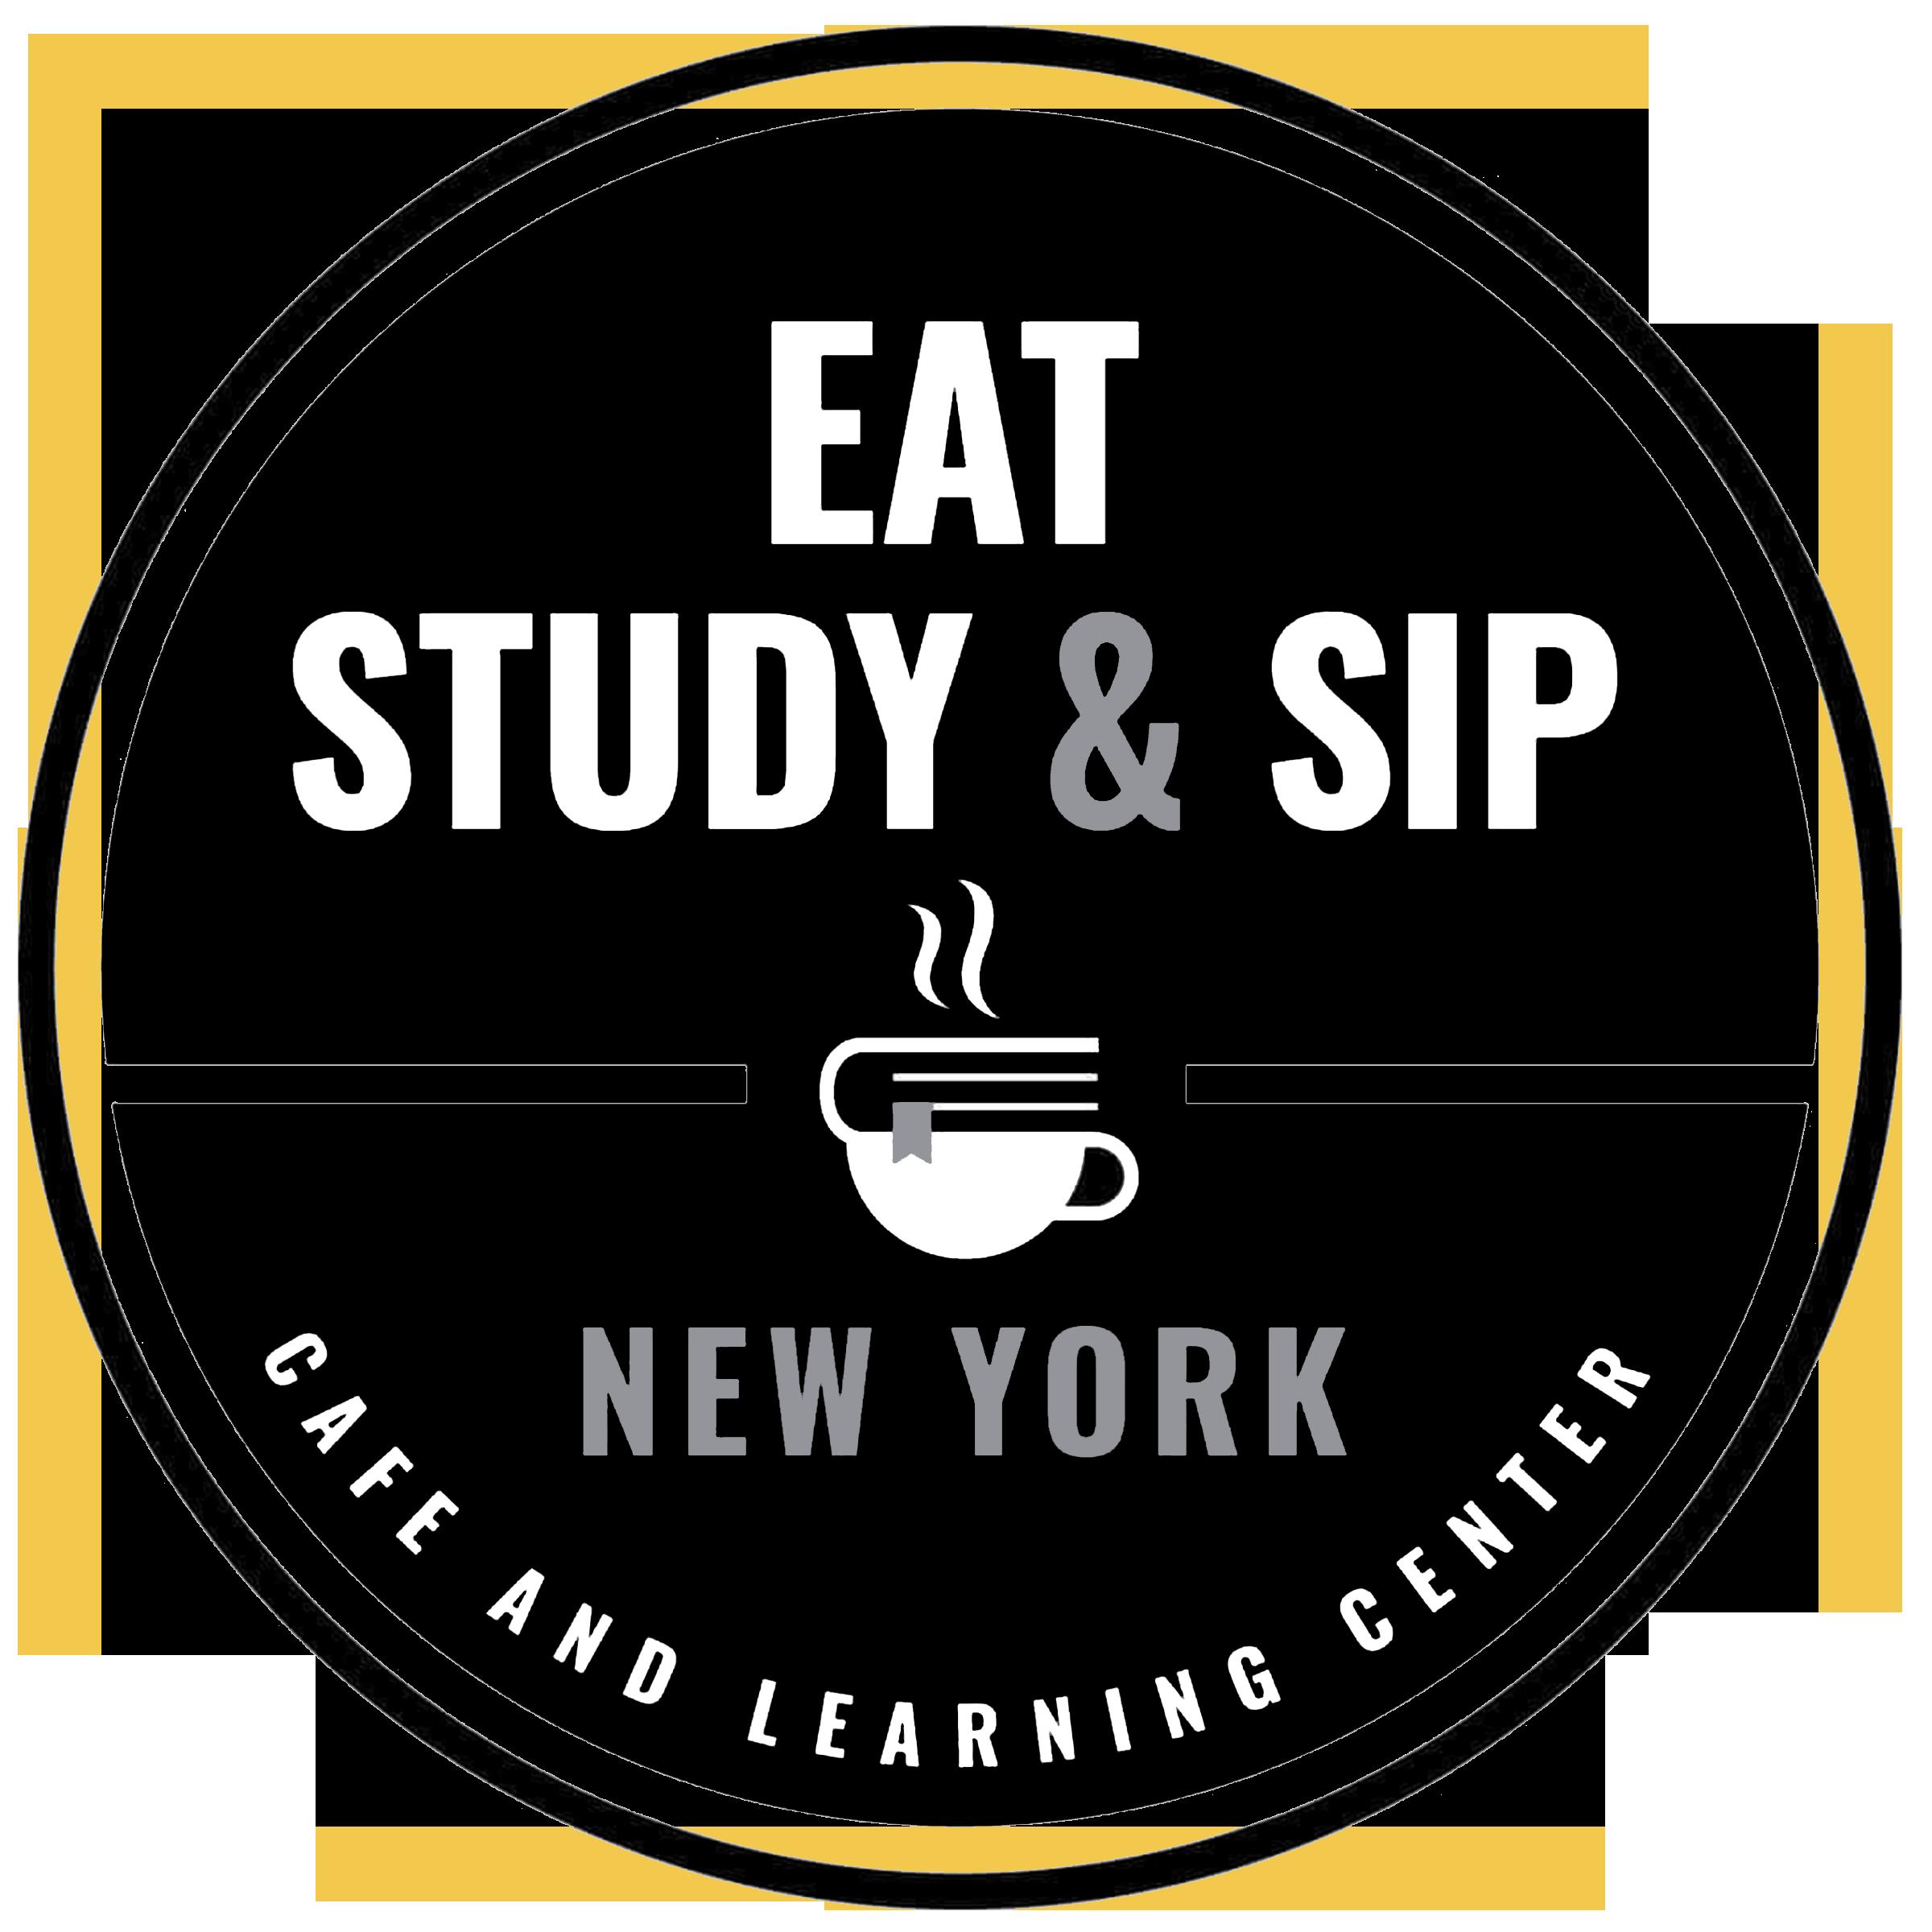 EAT STUDY & SIP